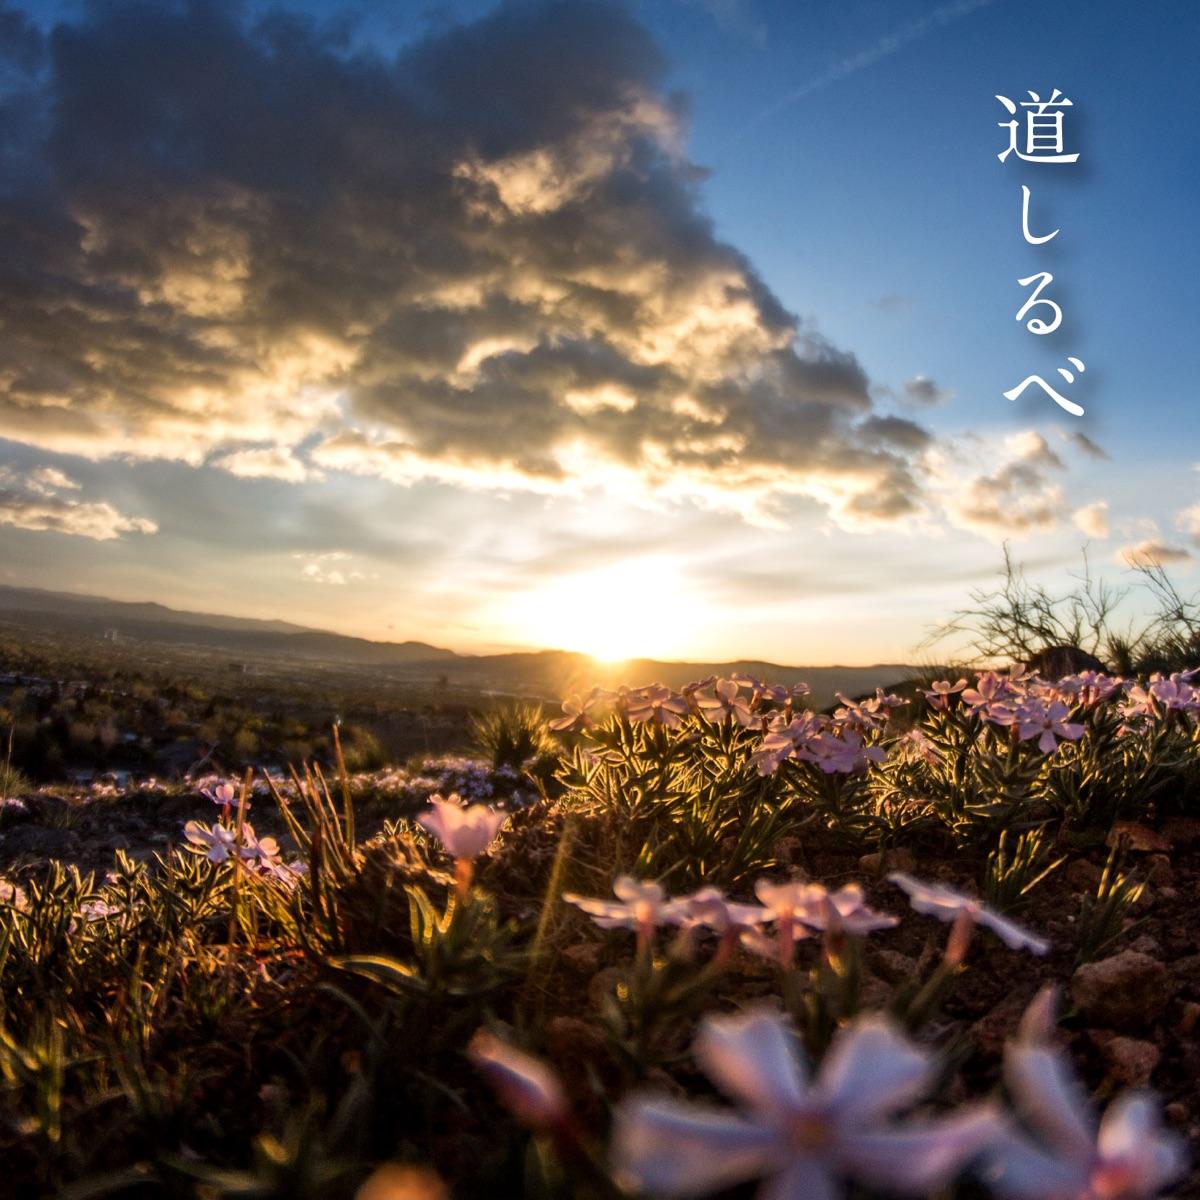 『絢香 - 道しるべ』収録の『道しるべ』ジャケット